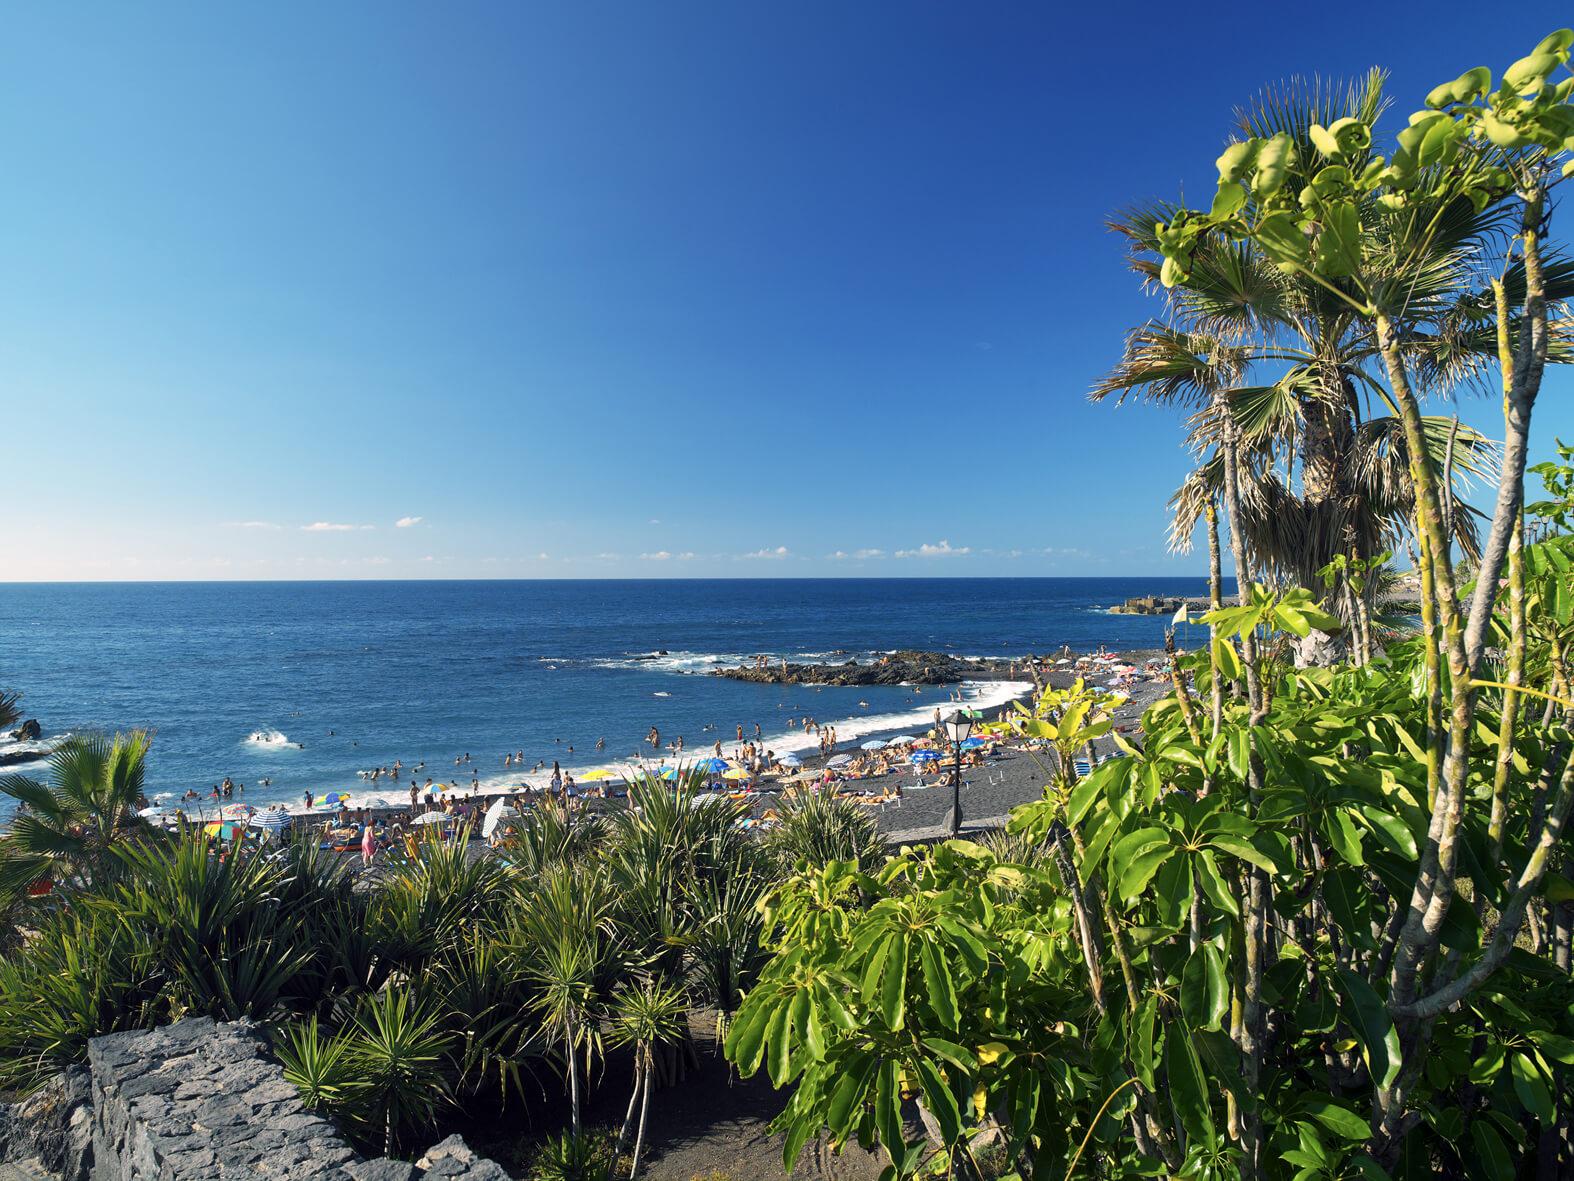 Tenerife _playa jardín